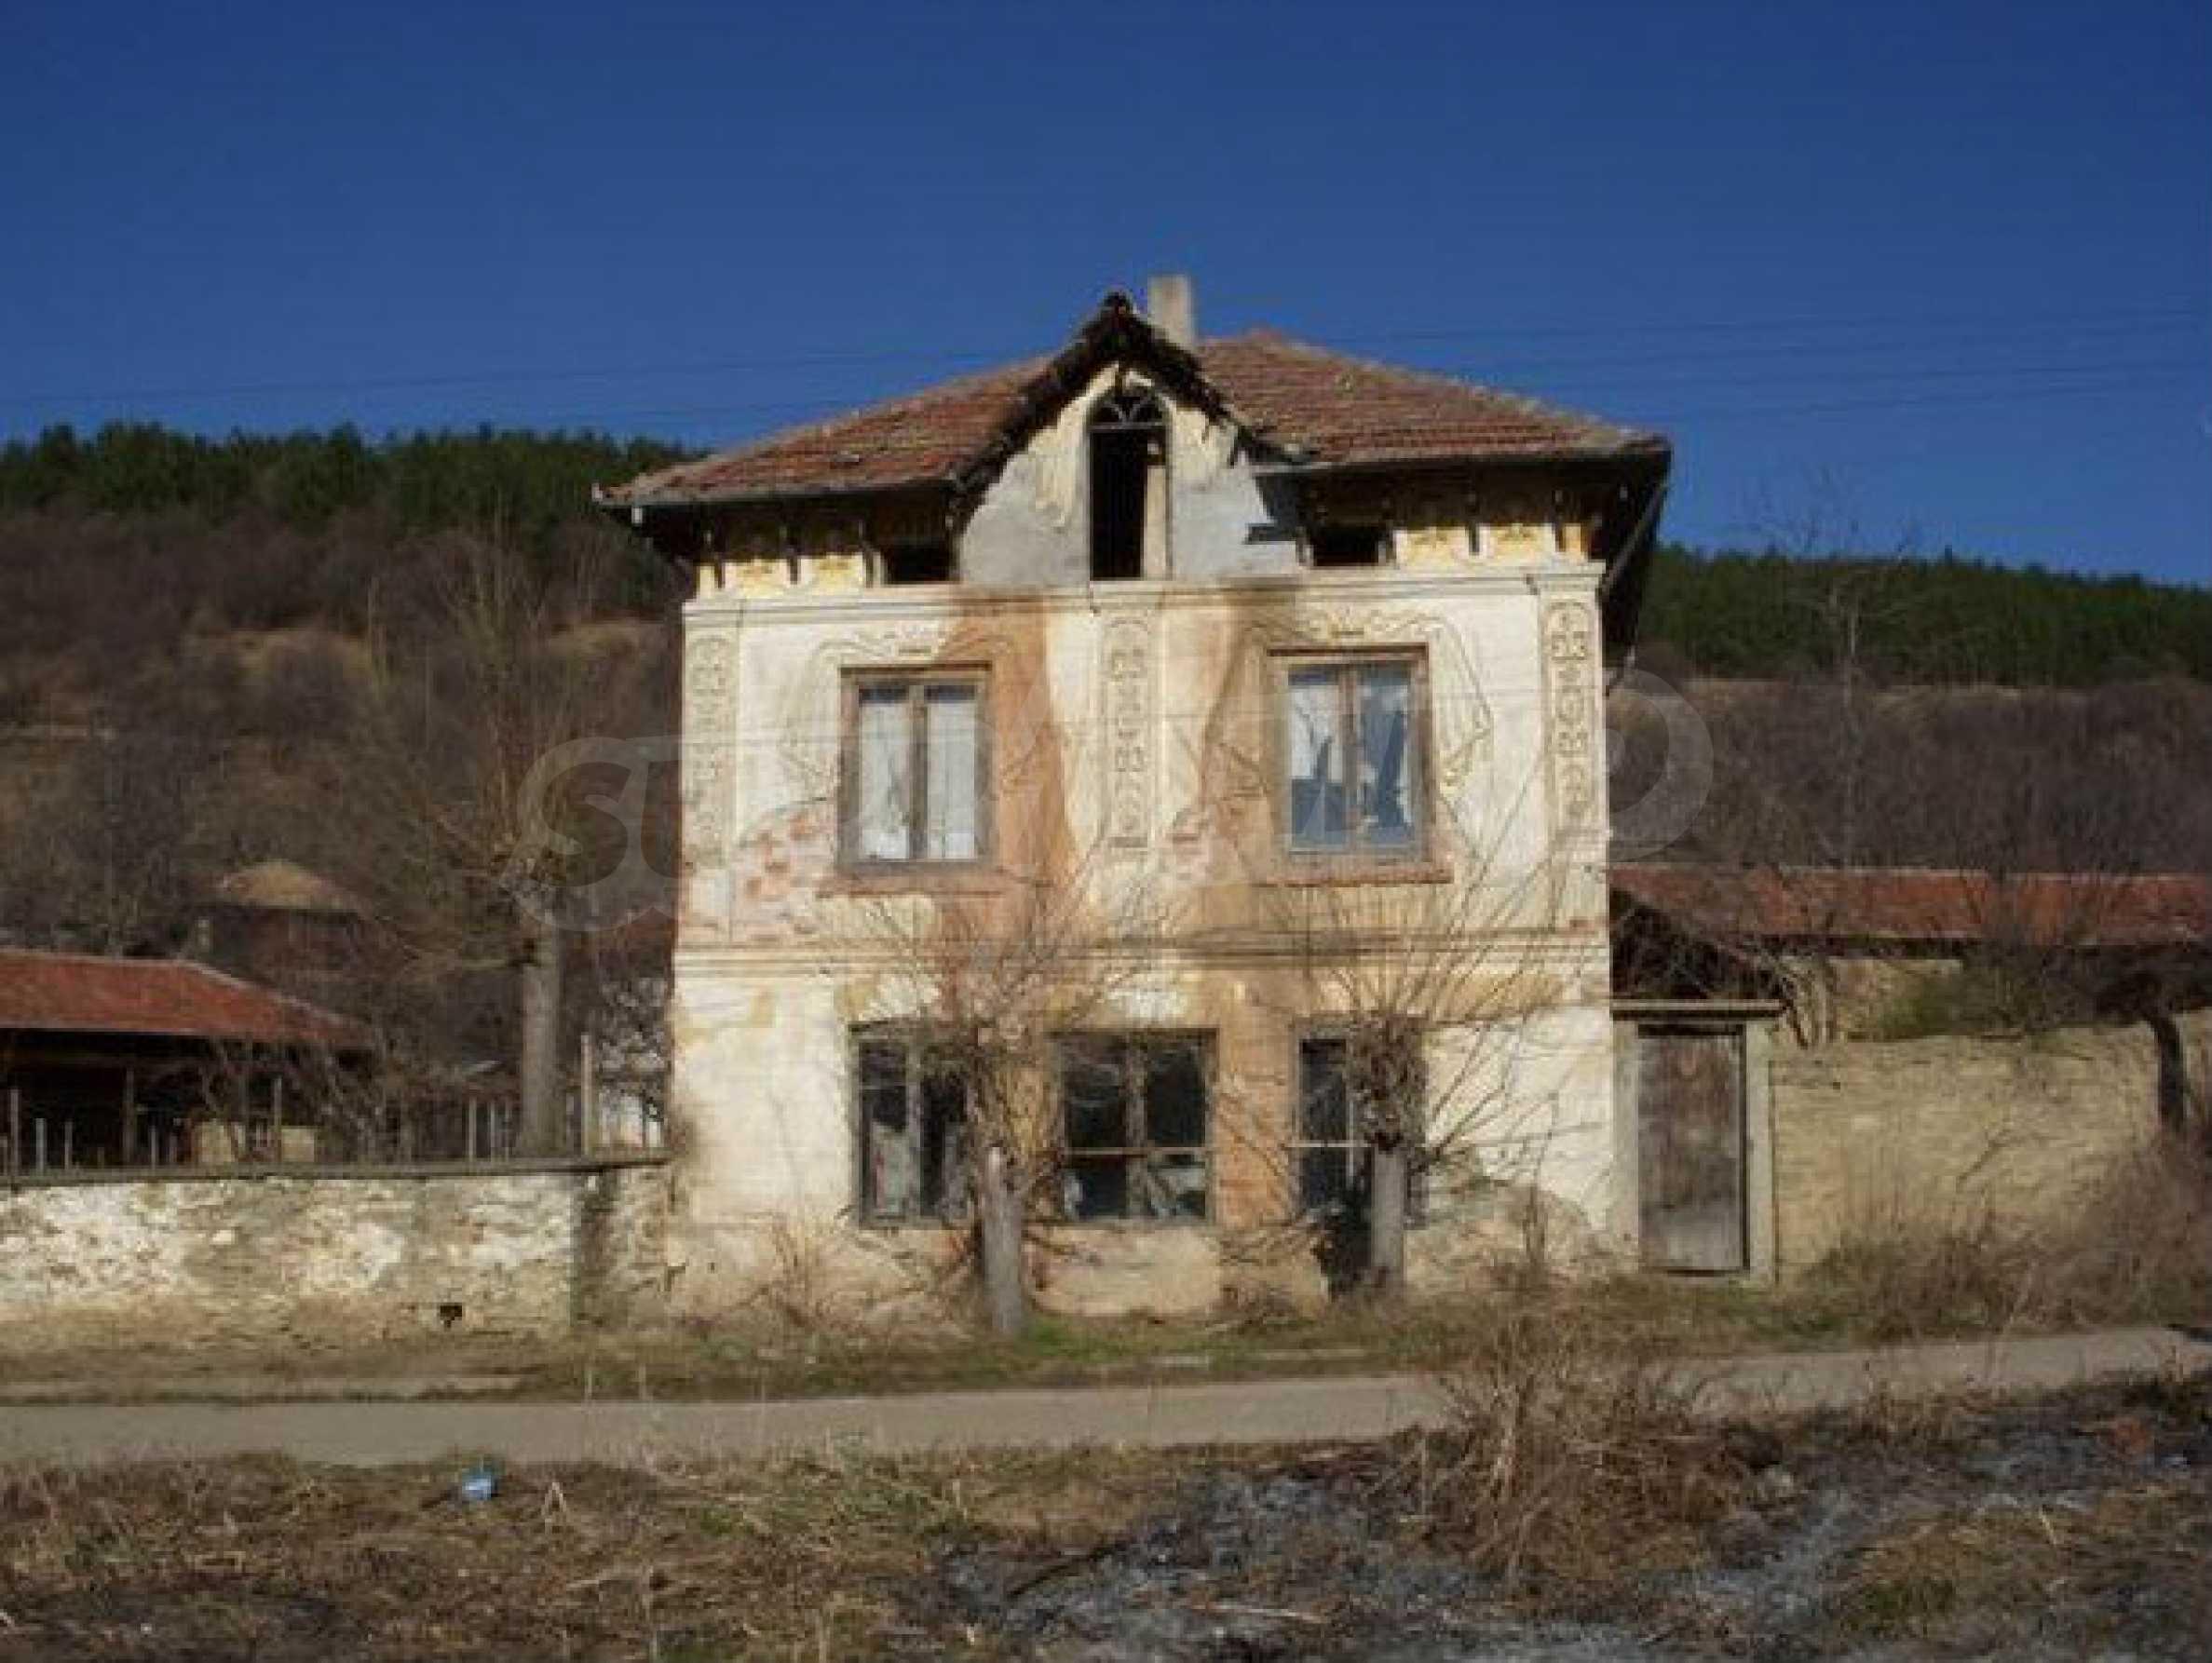 Geräumiges Haus mit einem ehemaligen Weinkeller zur Renovierung in der Nähe der Stadt Pavlikeni 5